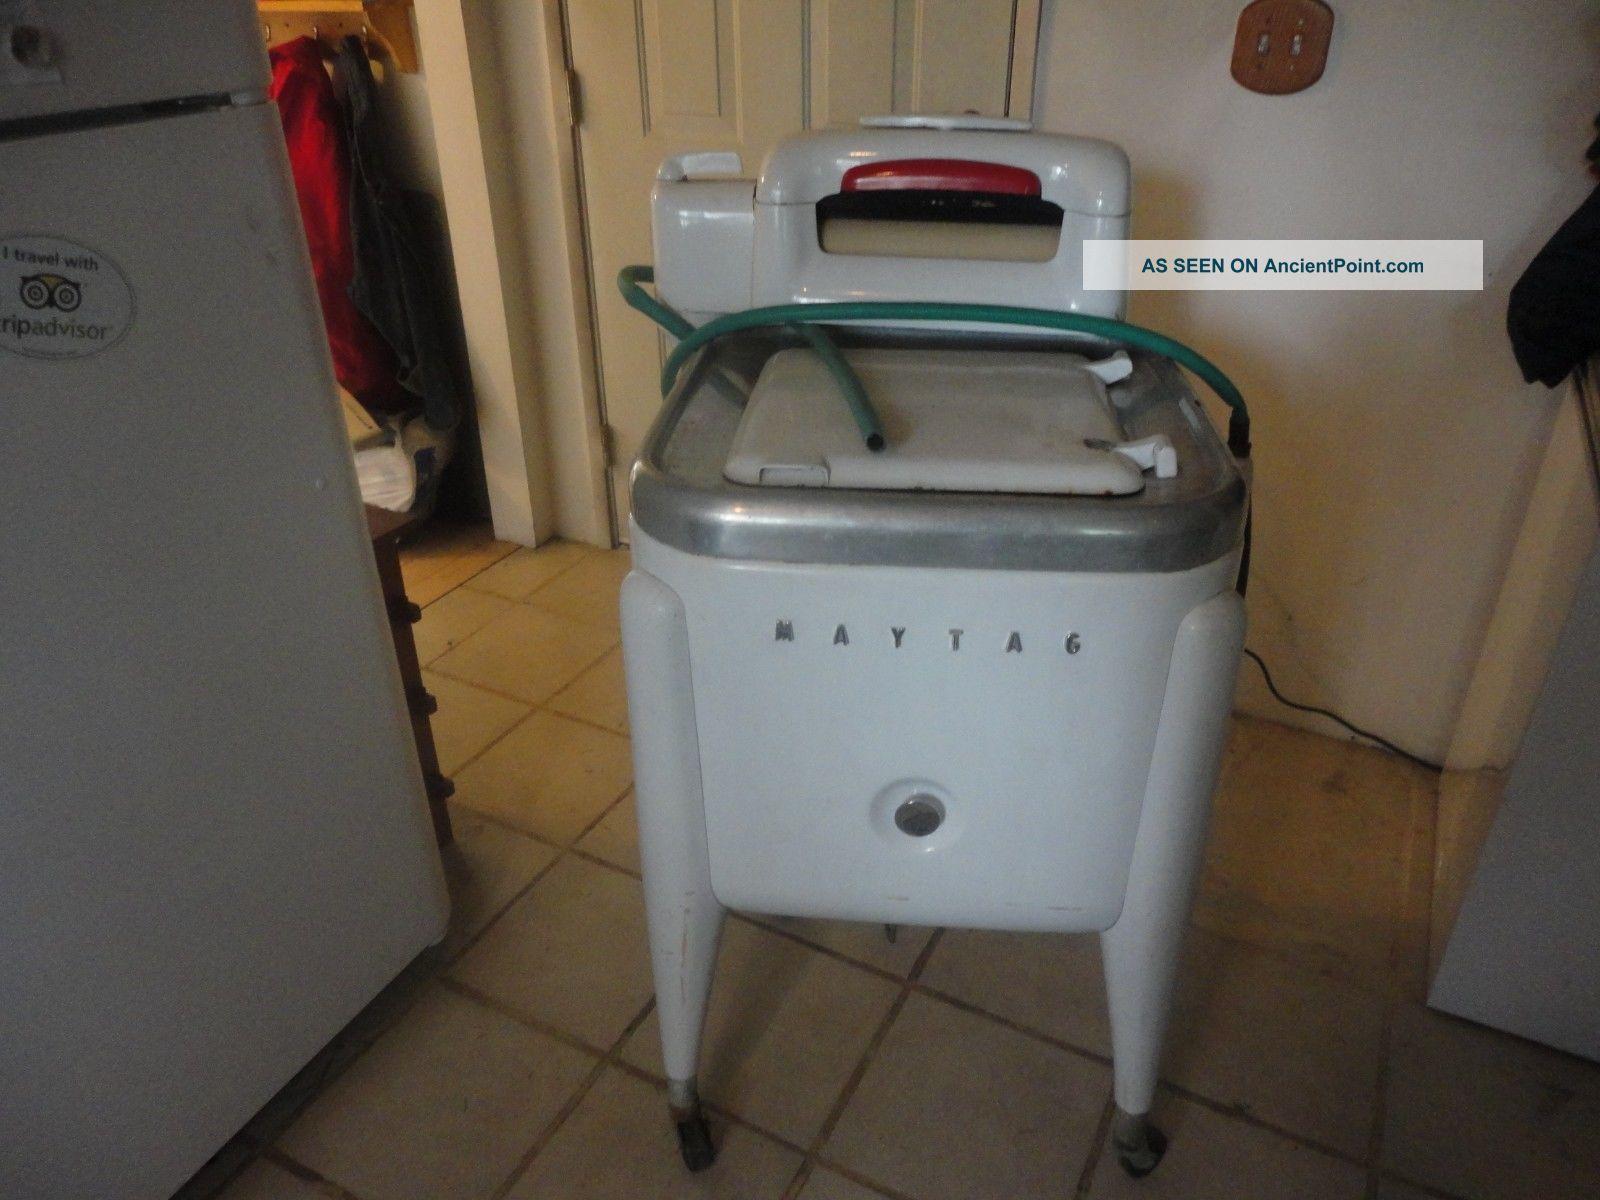 1939 Maytag Gyrator Wringer Washer,  Works Washing Machines photo